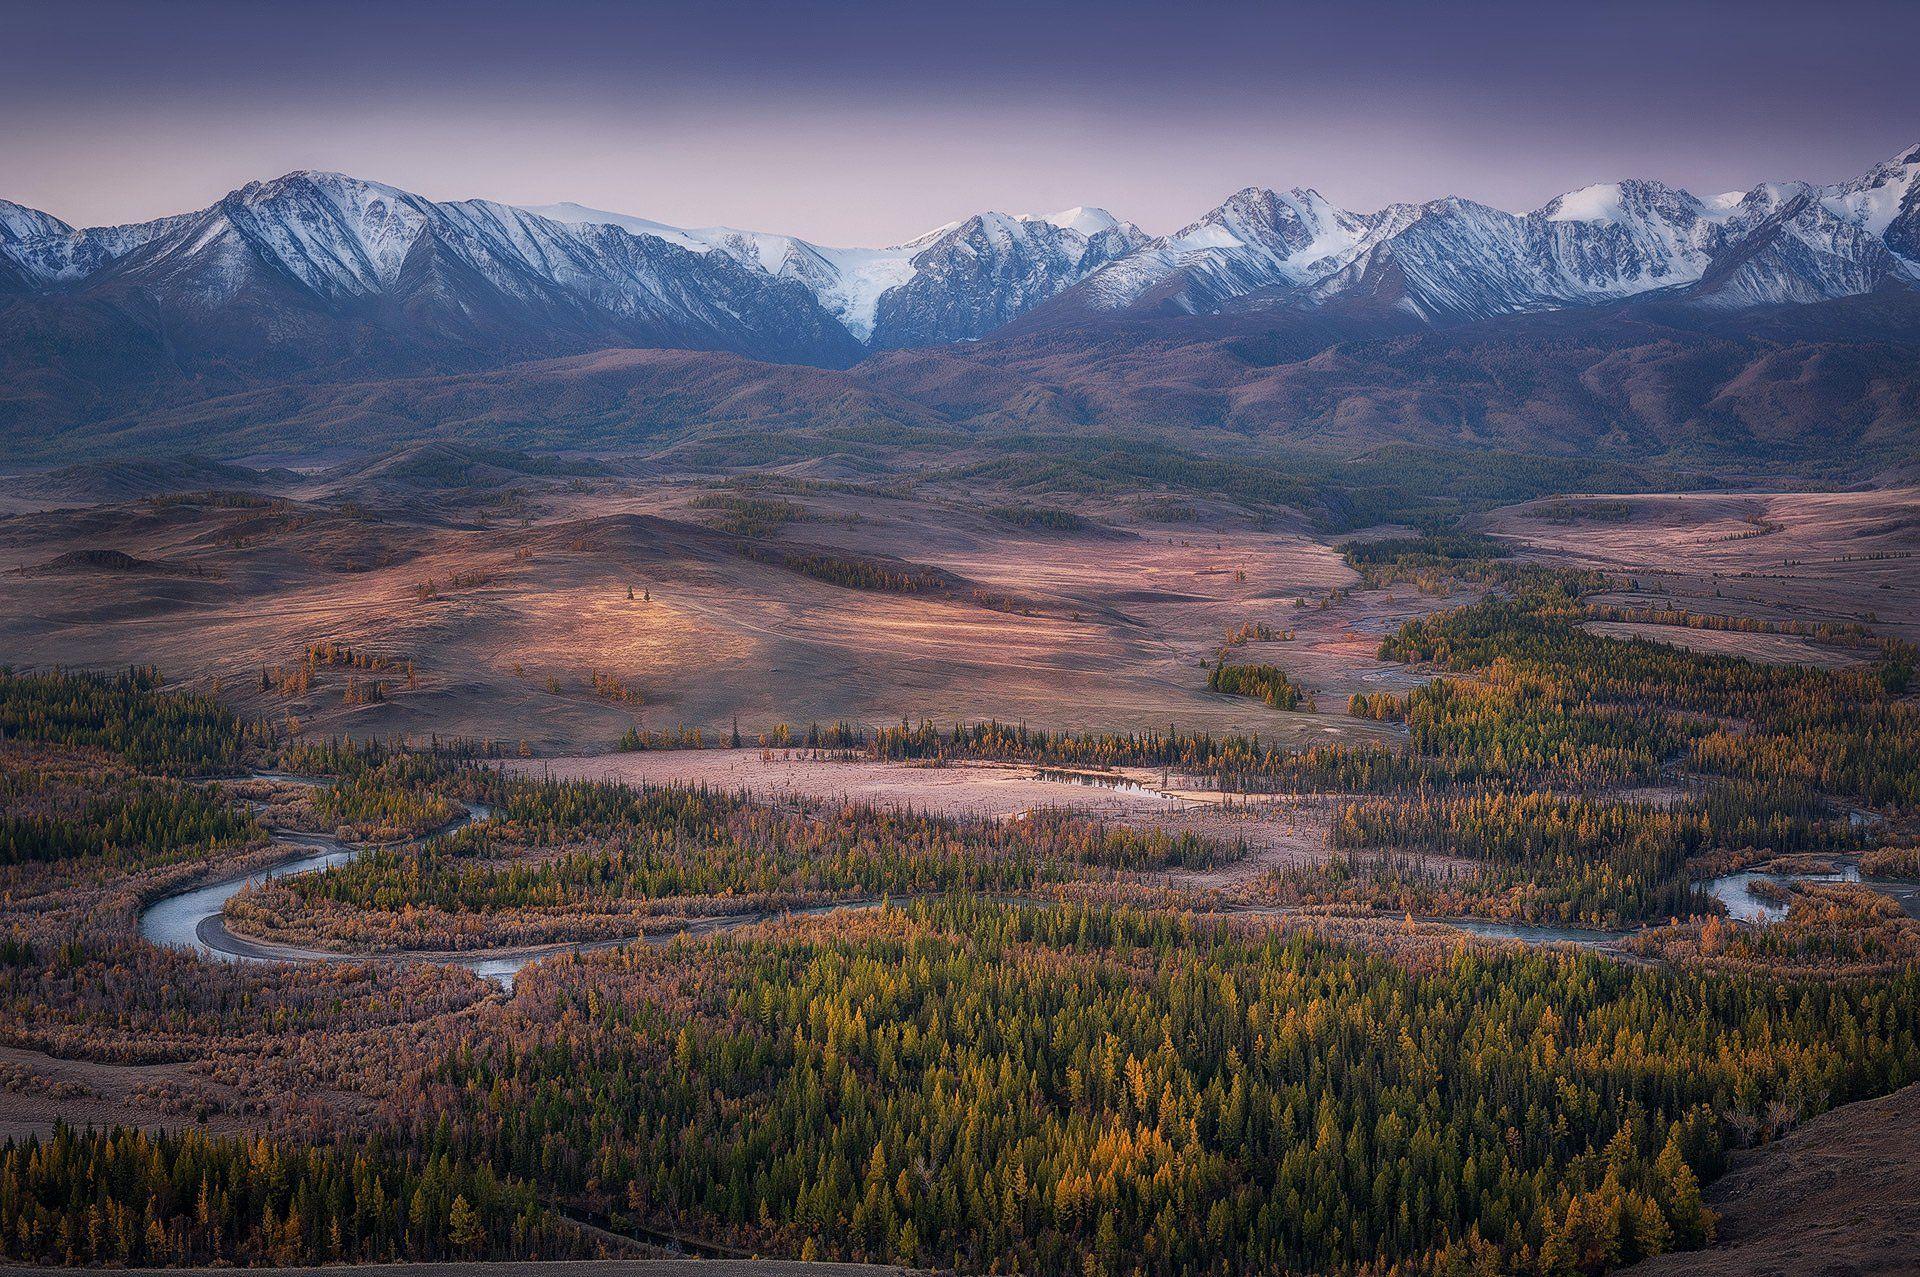 алтай, курайская степь горы рассвет река лиственница осень, Юрий Перцов